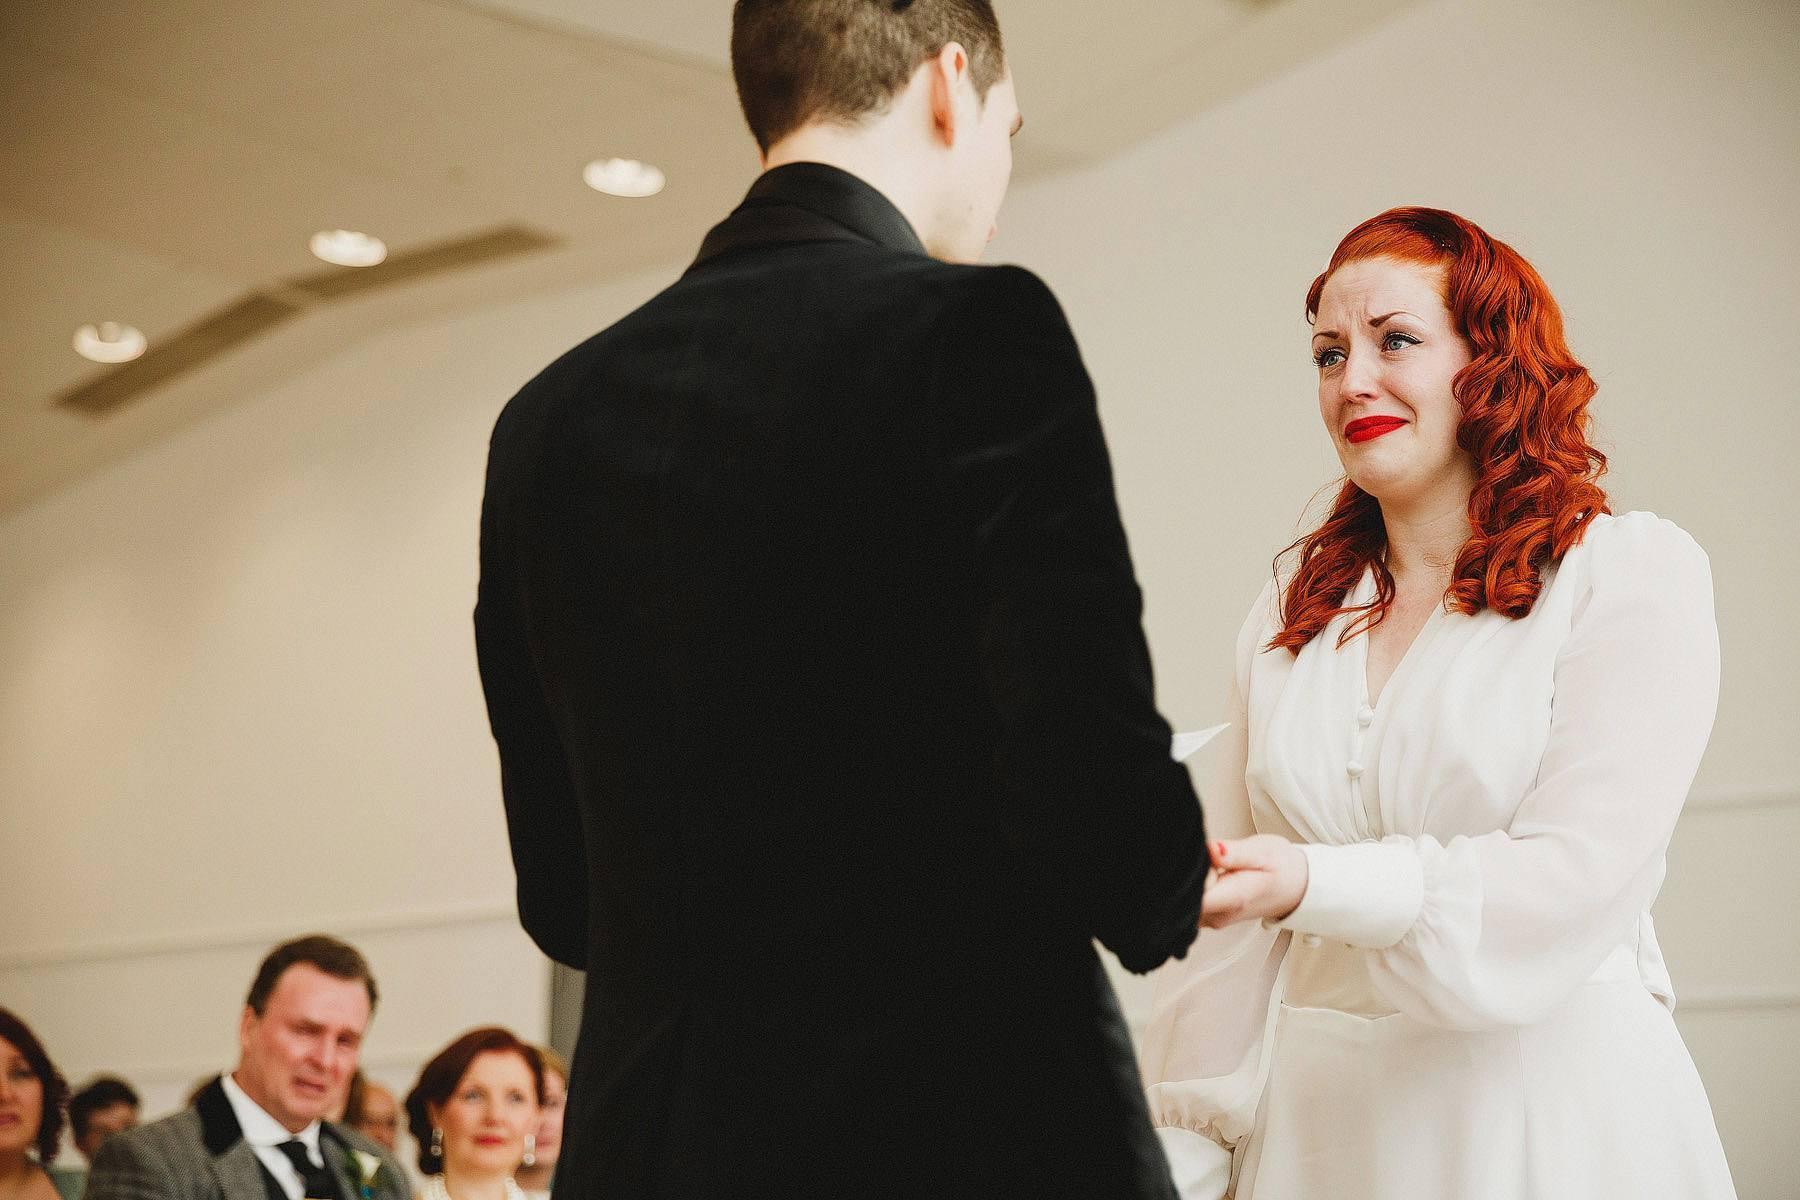 tearful bride wedding ceremony